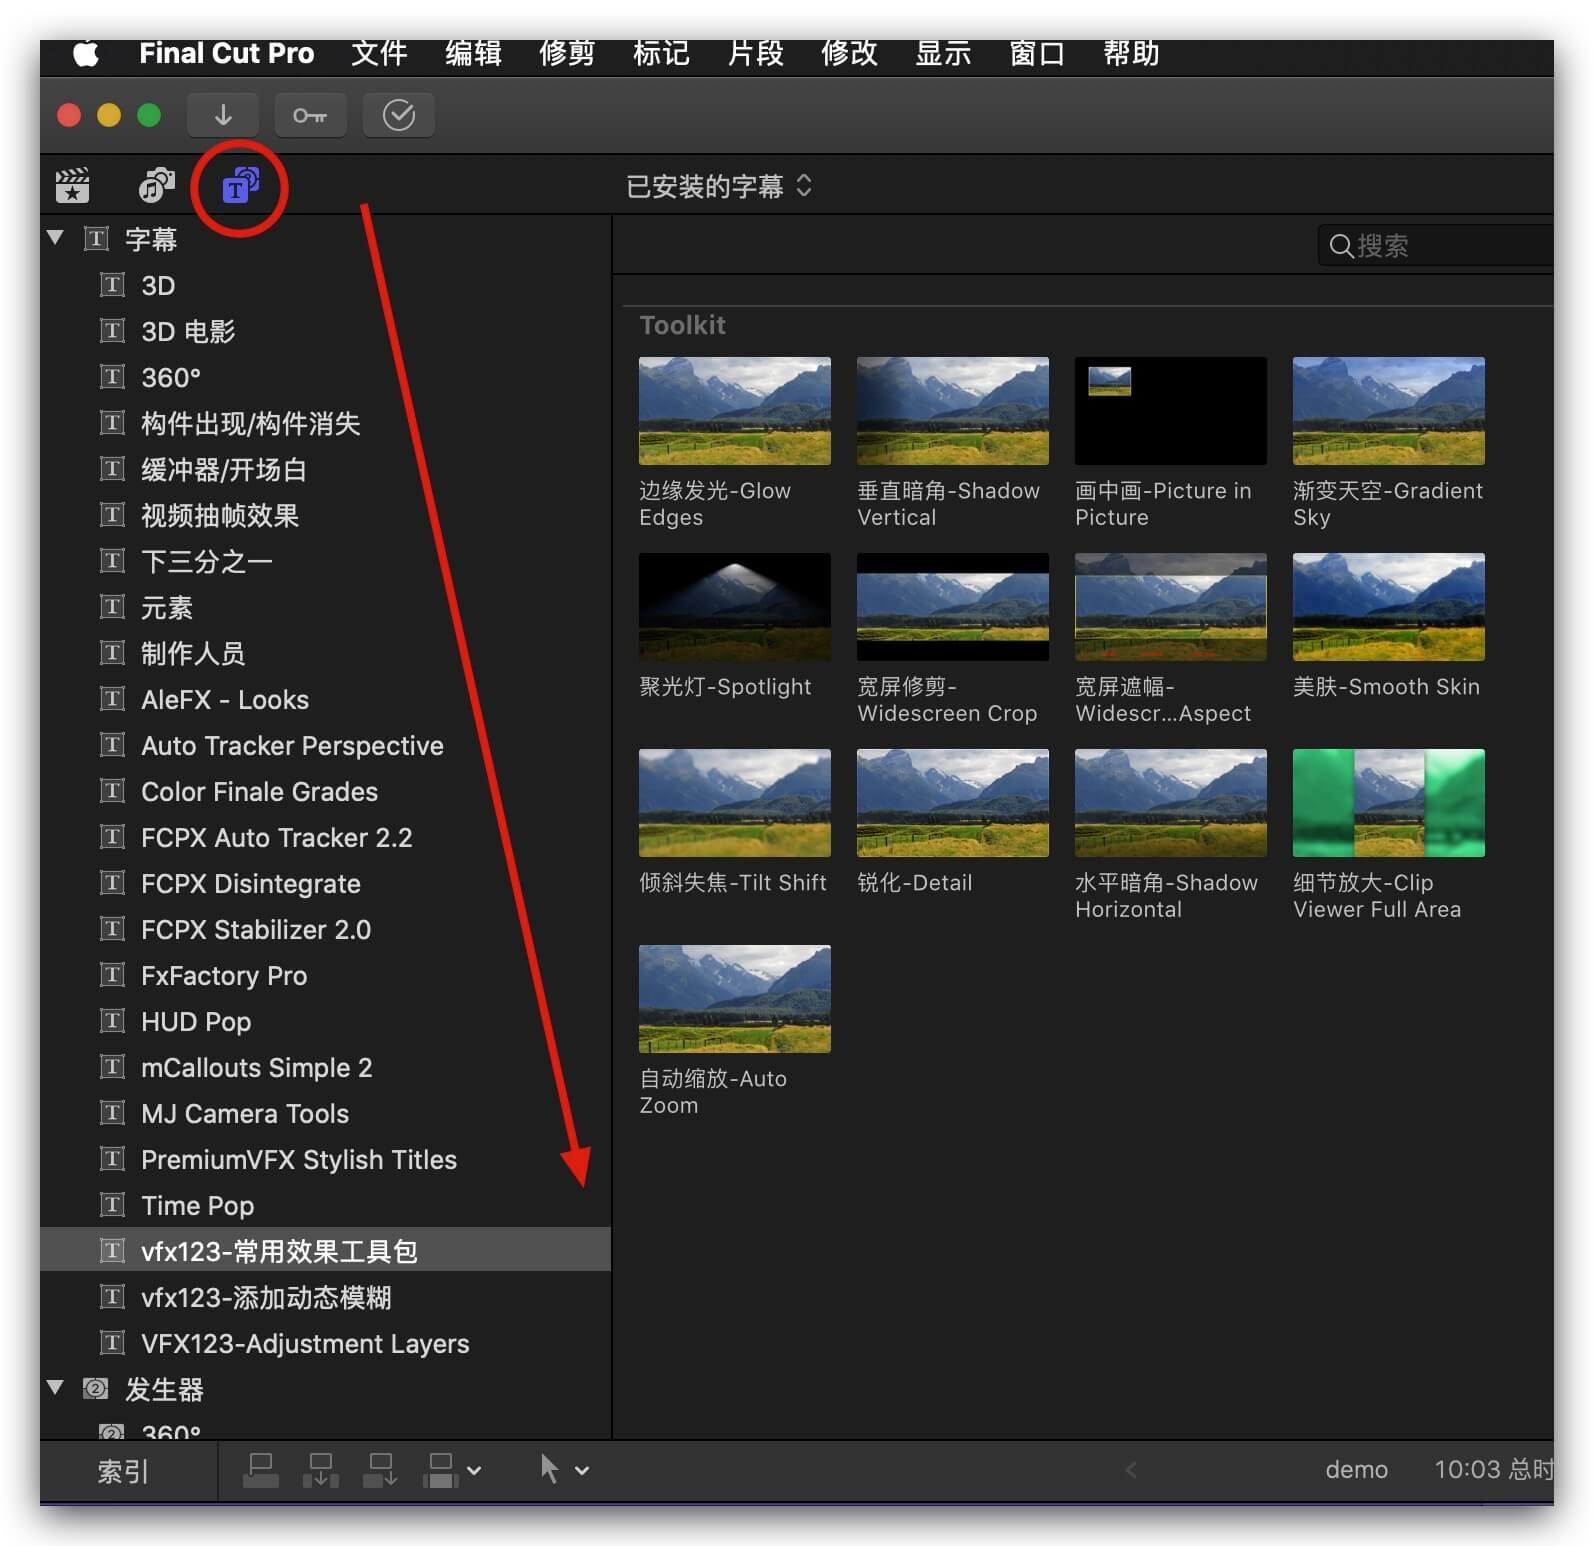 FCPX插件 12个常用效果工具 自动缩放画中画局部放大聚光灯宽屏模糊边缘等